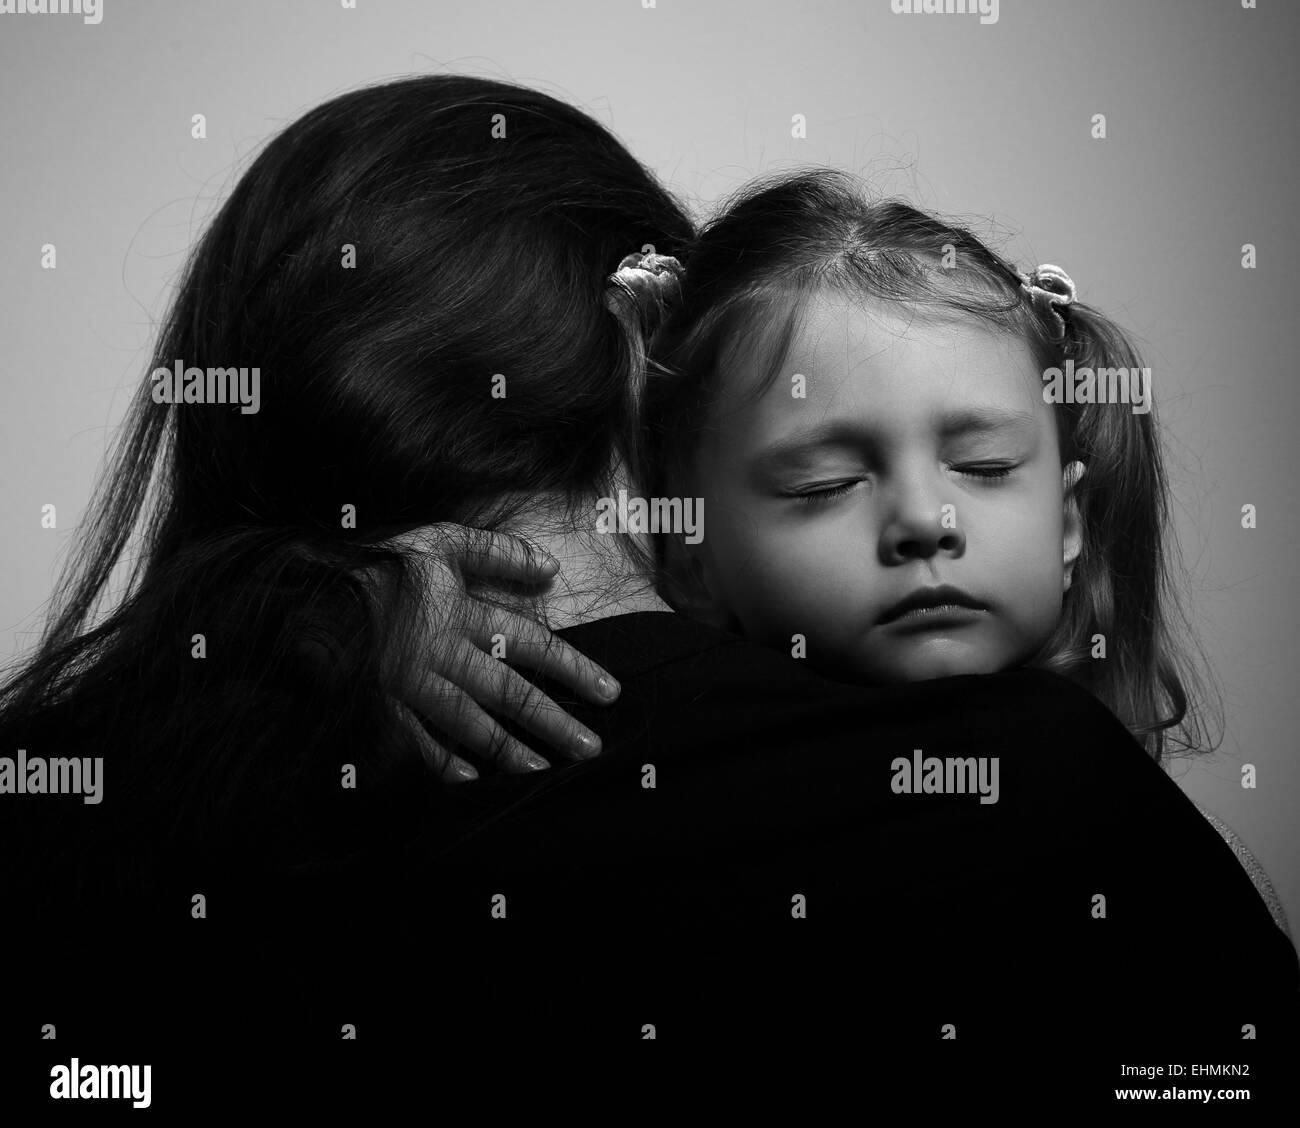 Depression-Tochter umarmt ihre Mutter mit traurigen Gesicht. Closeup Portrait schwarz / weiß Stockbild